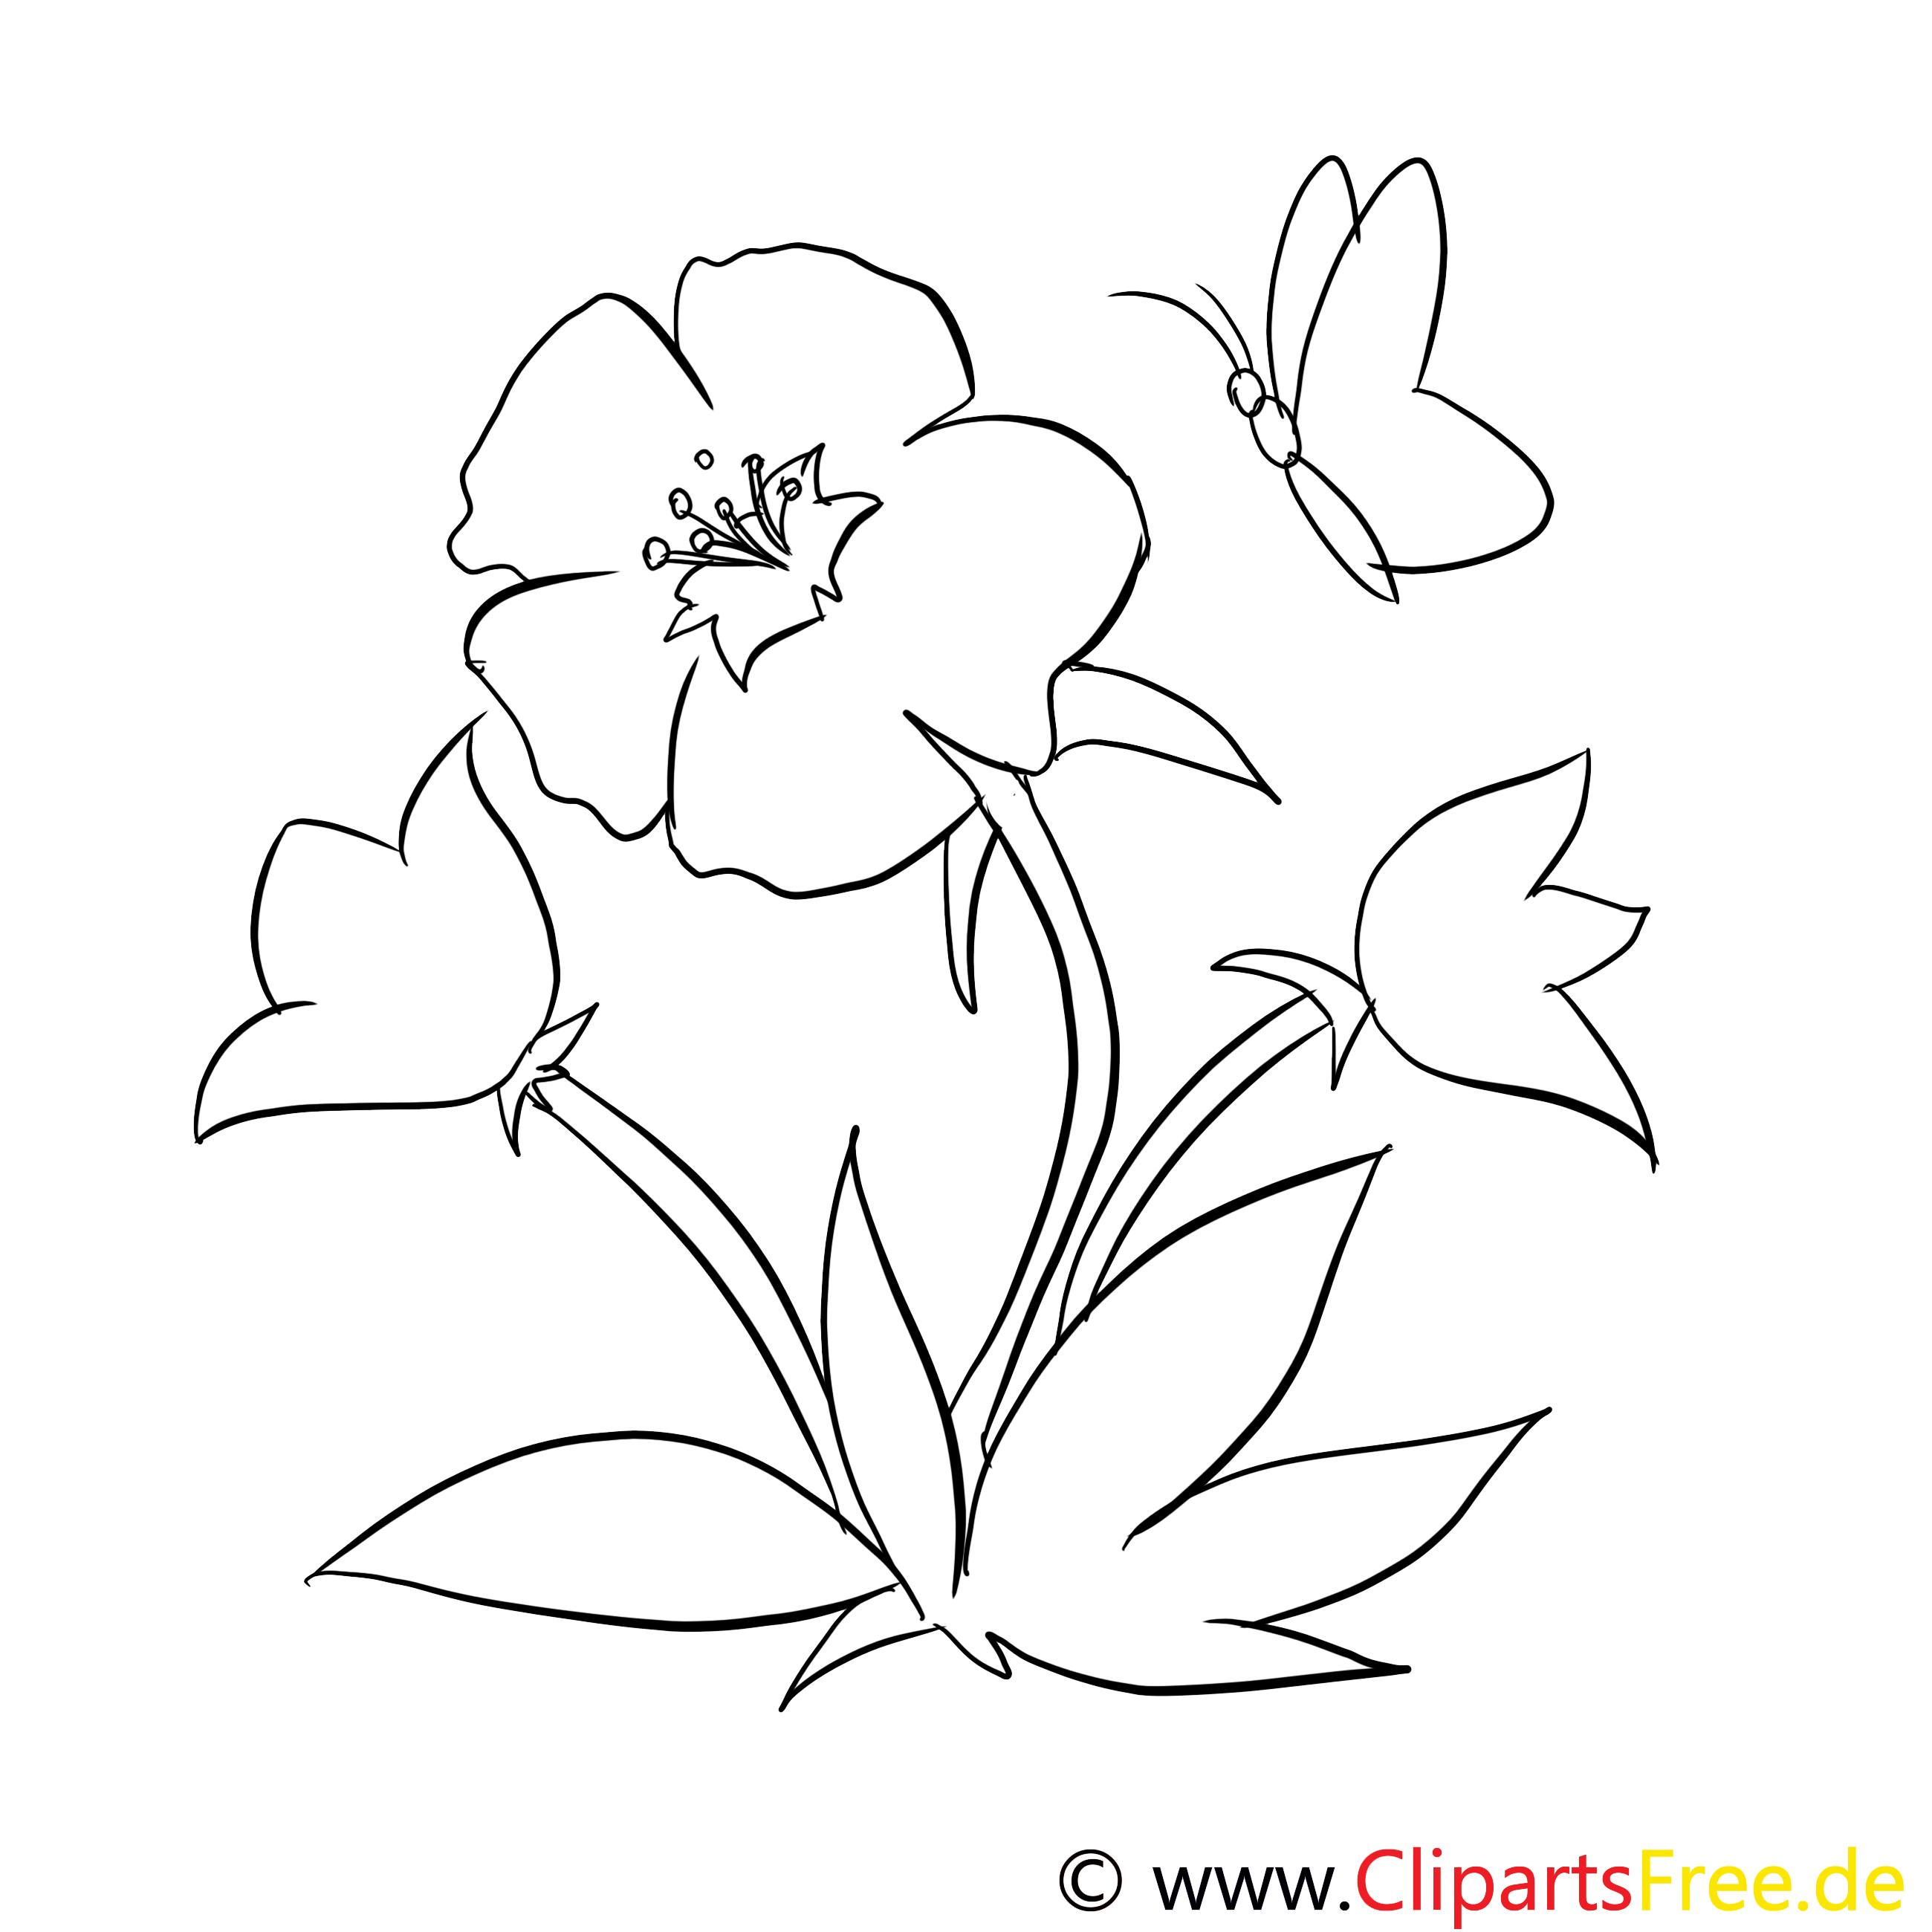 Eibisch und Schmetterling Malvorlage kostenlos